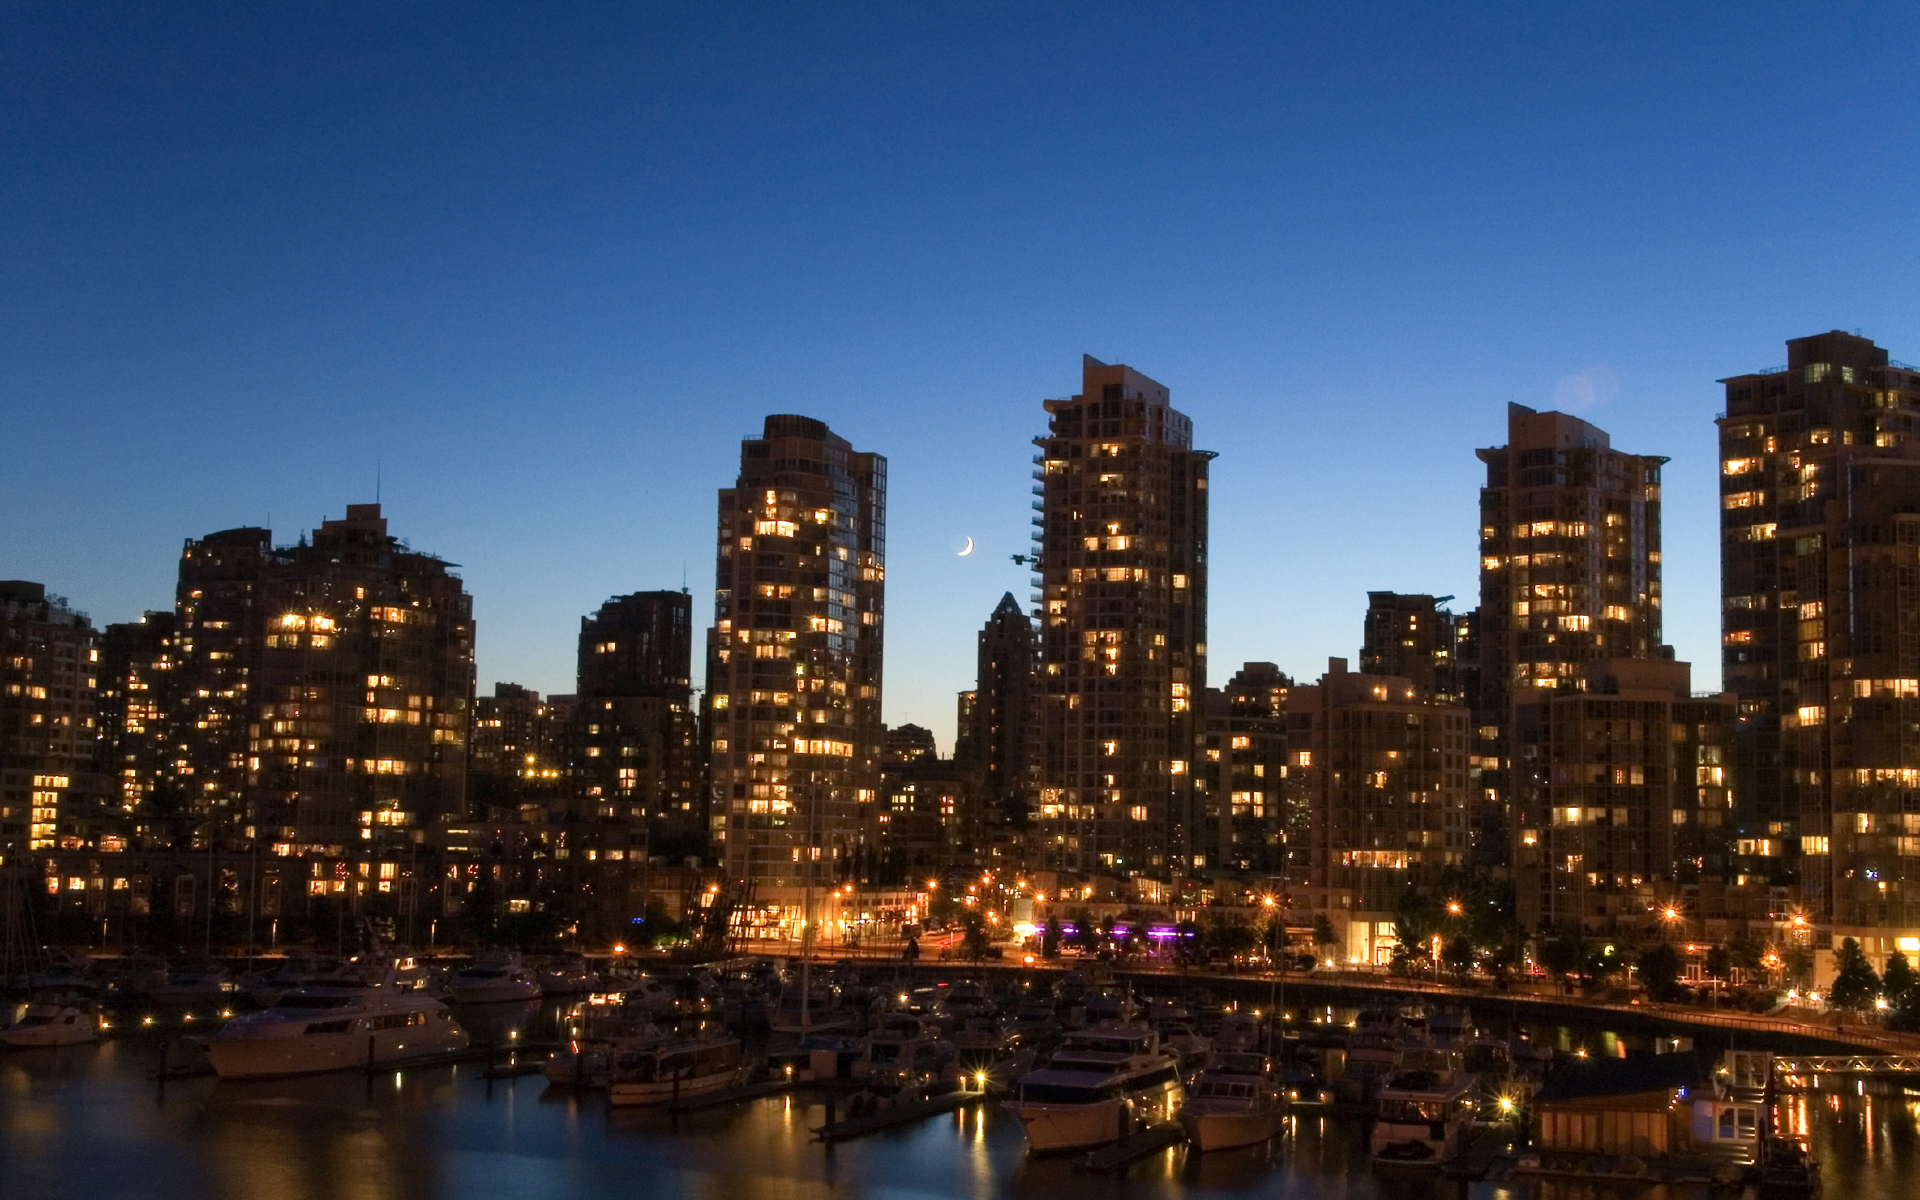 En Güzel HD Şehir manzaraları - Best Desktop City HD Wallpapers | Rooteto